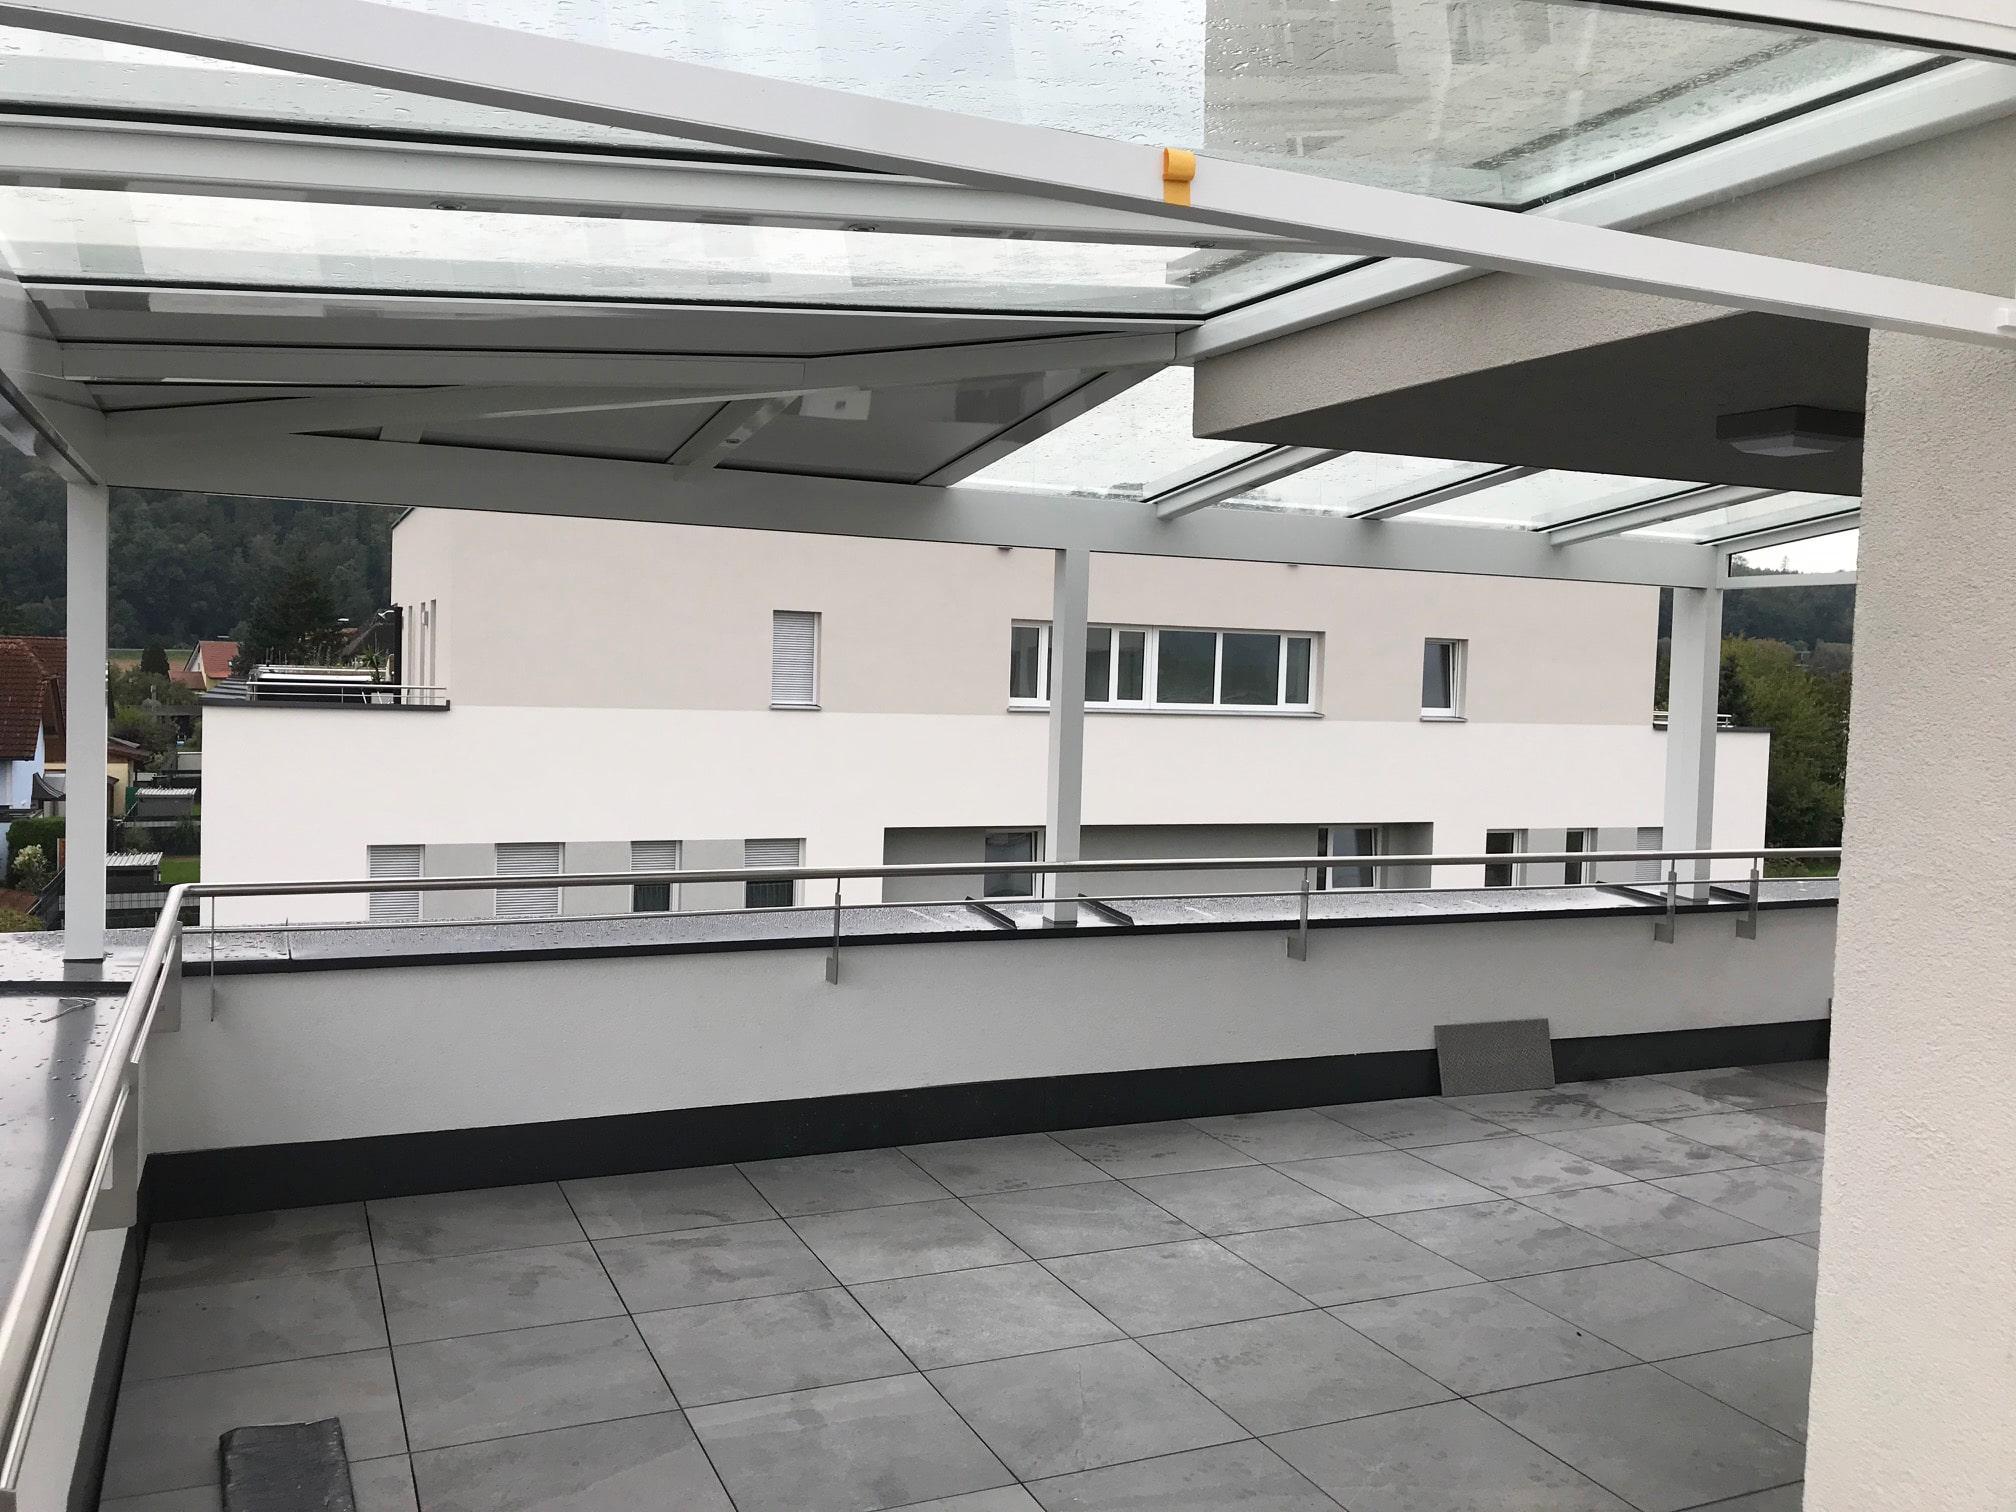 Terrassenüberdachung in weiß für Eigentumswohnung